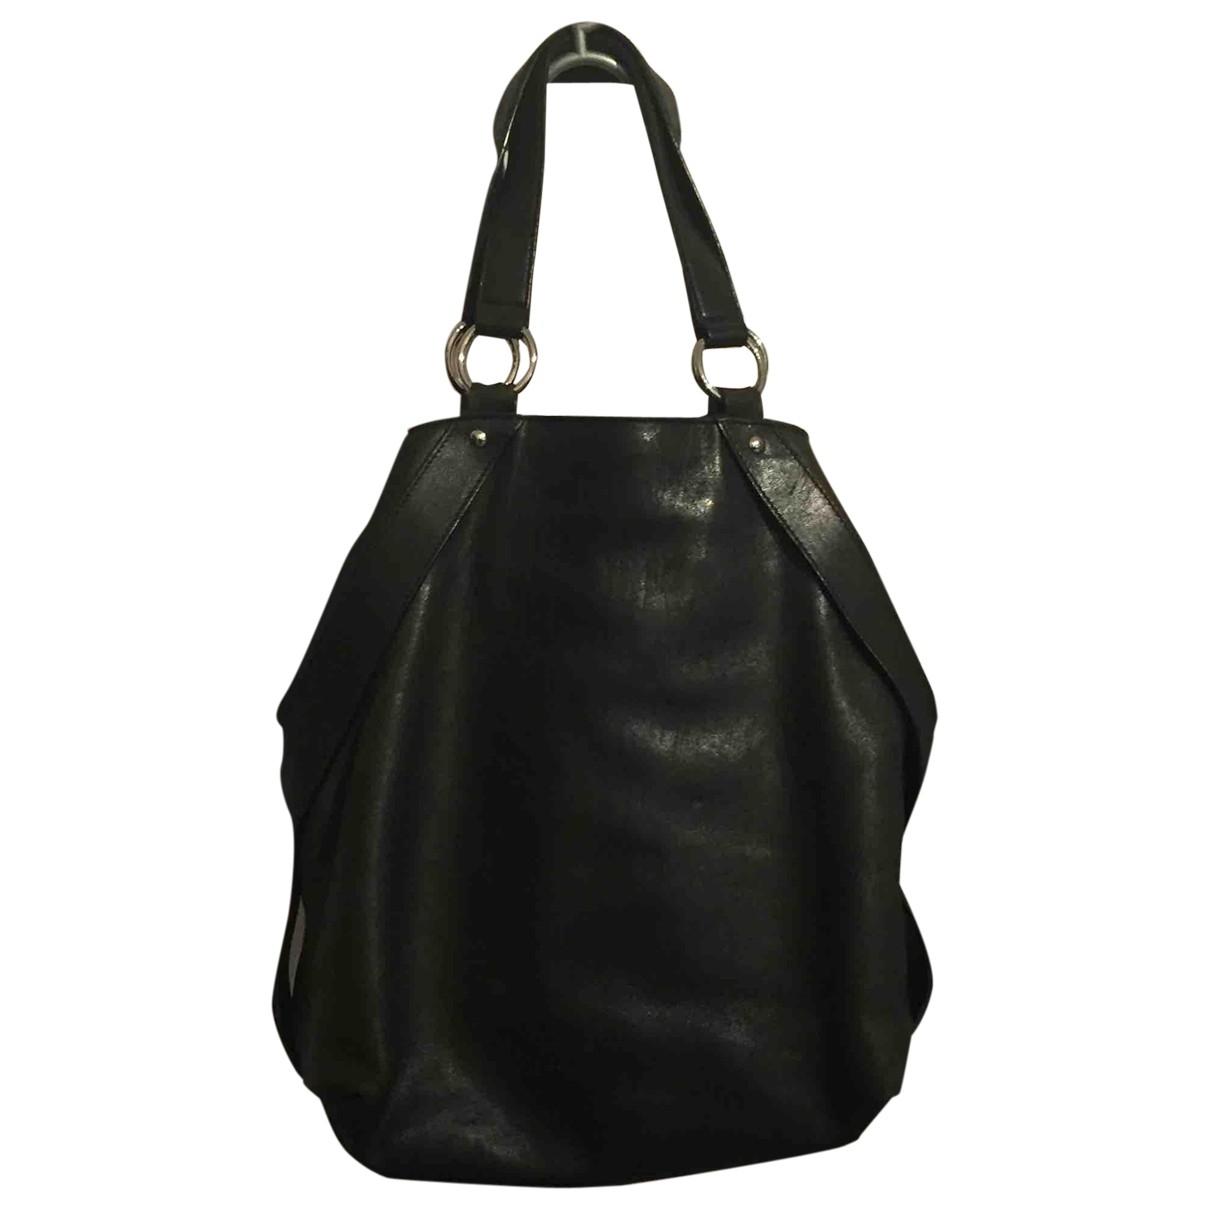 Yves Saint Laurent Tribute Black Leather handbag for Women \N